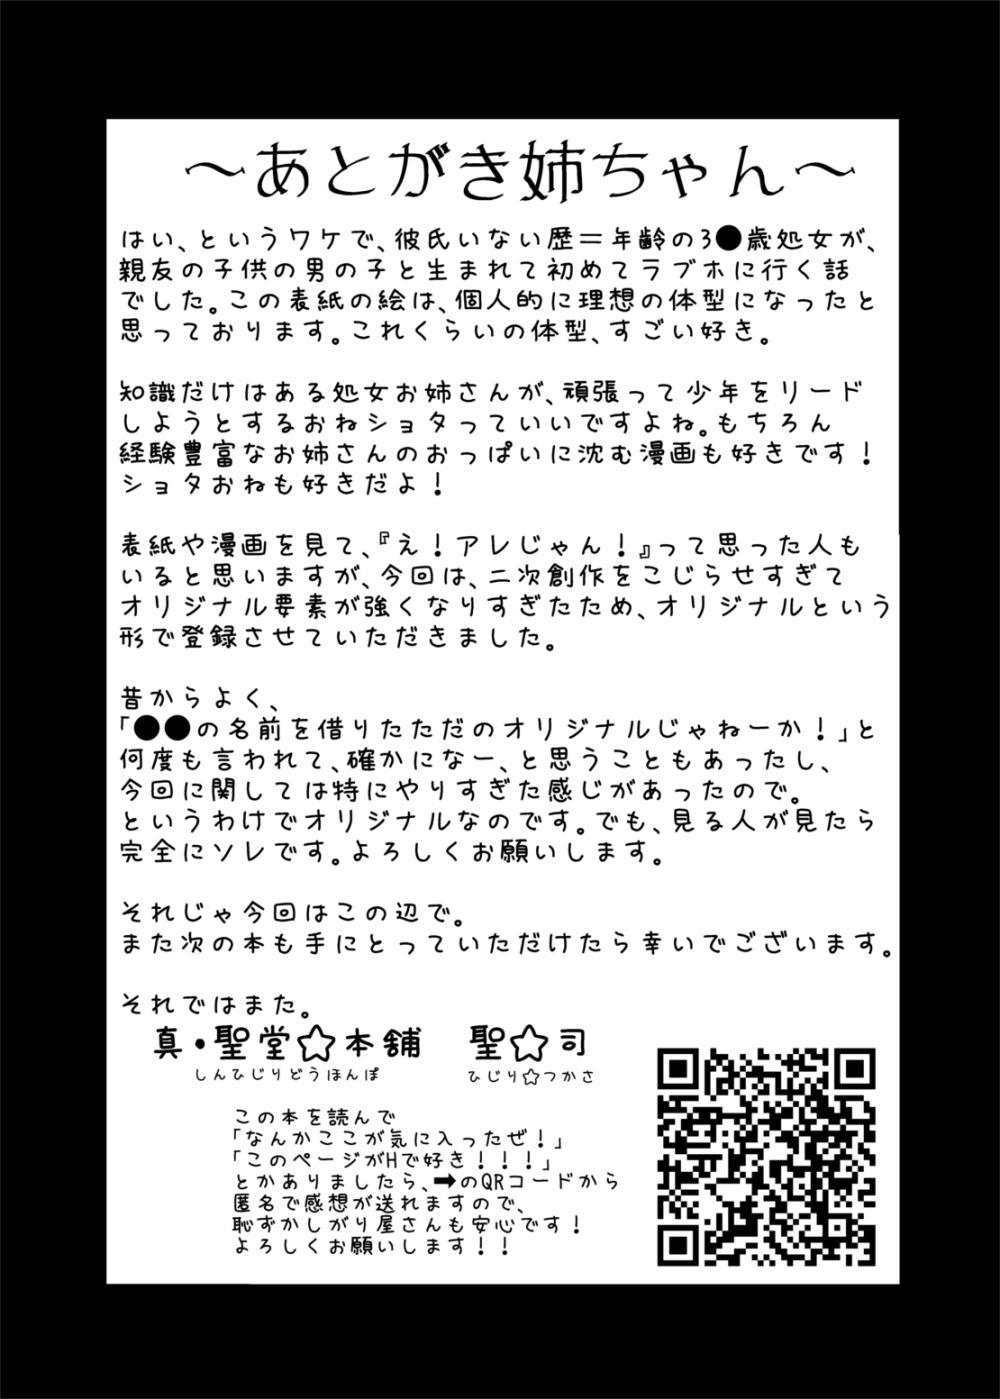 [Shin Hijiridou Honpo (Hijiri Tsukasa)] Kareshi Inai Reki = Nenrei no Watashi (3●-sai Shojo) ga, Shinyuu no Kodomo no Otokonoko to Umarete Hajimete LoveHo ni Haitta Hanashi. (Girls und Panzer) [Chinese] [變態浣熊漢化組] [Digital] 26